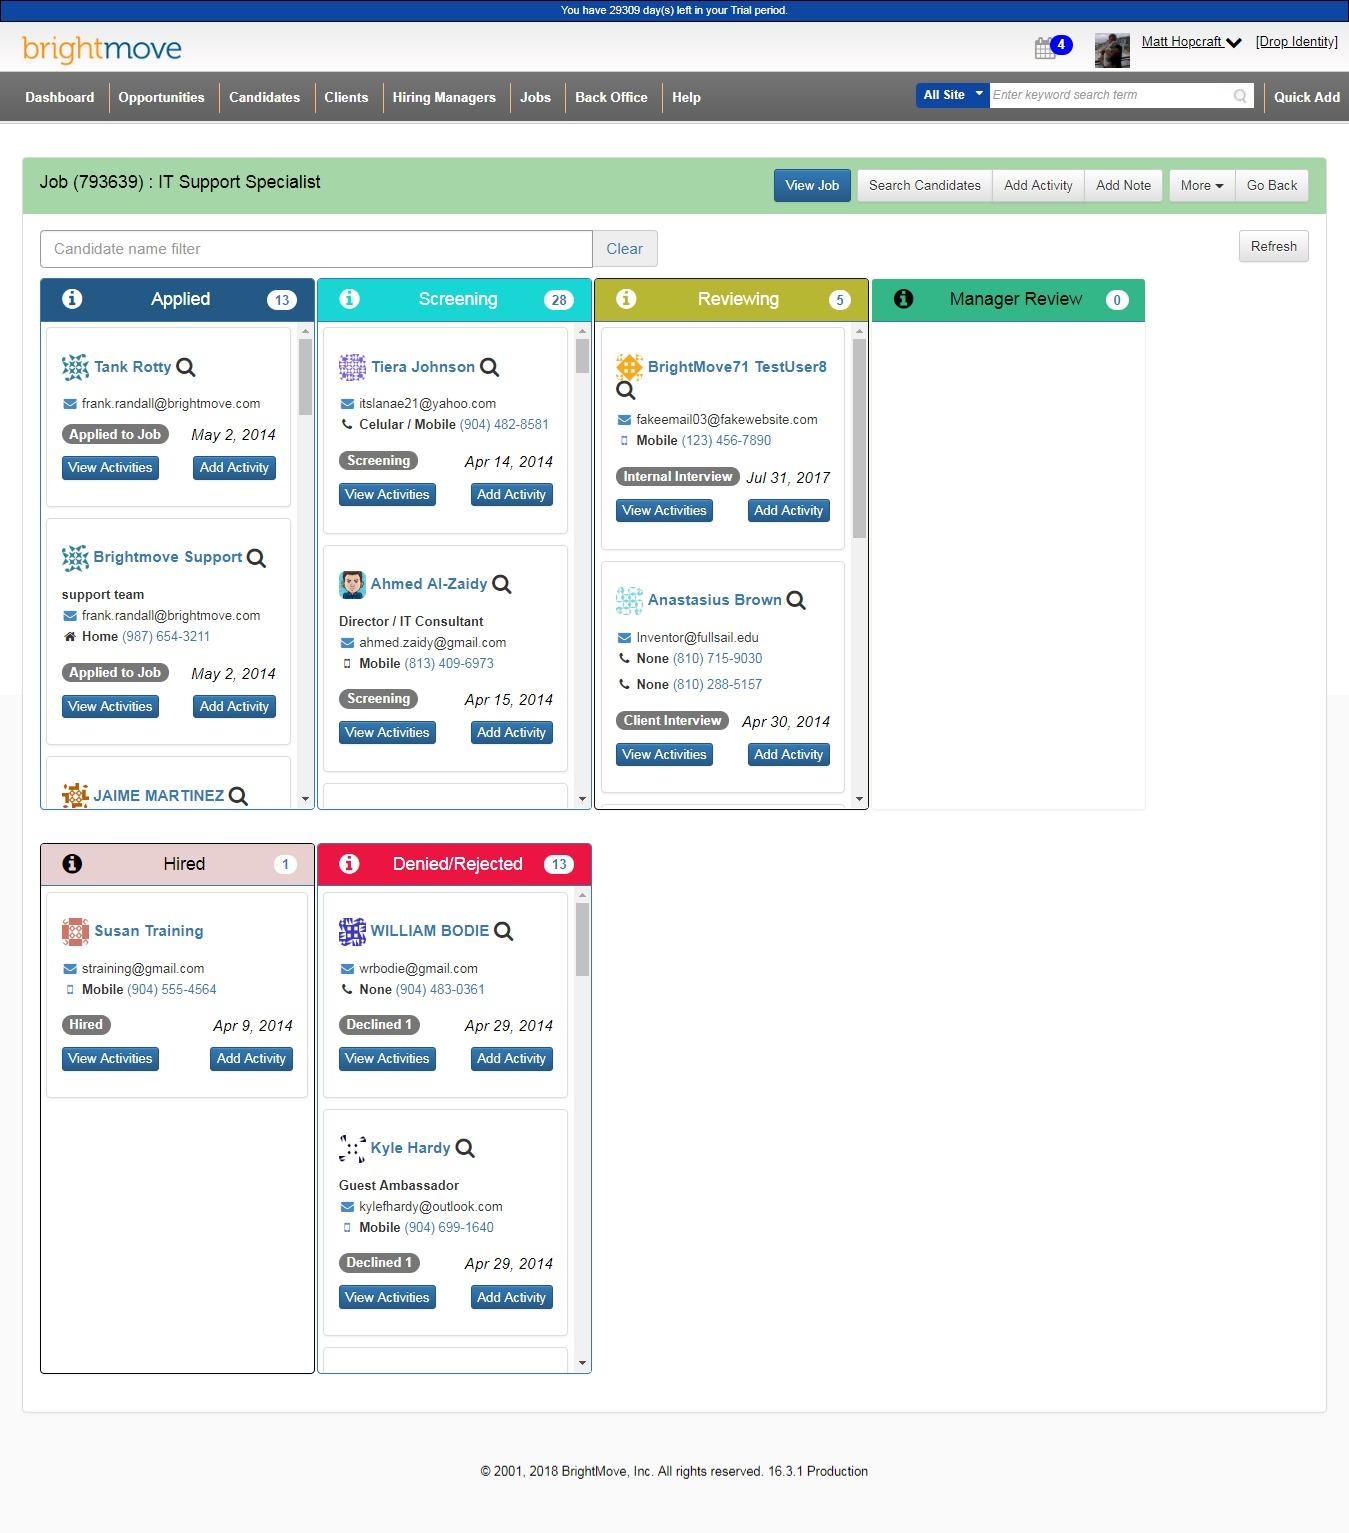 BrightMove Staffing Demo - BrightMove Jobs